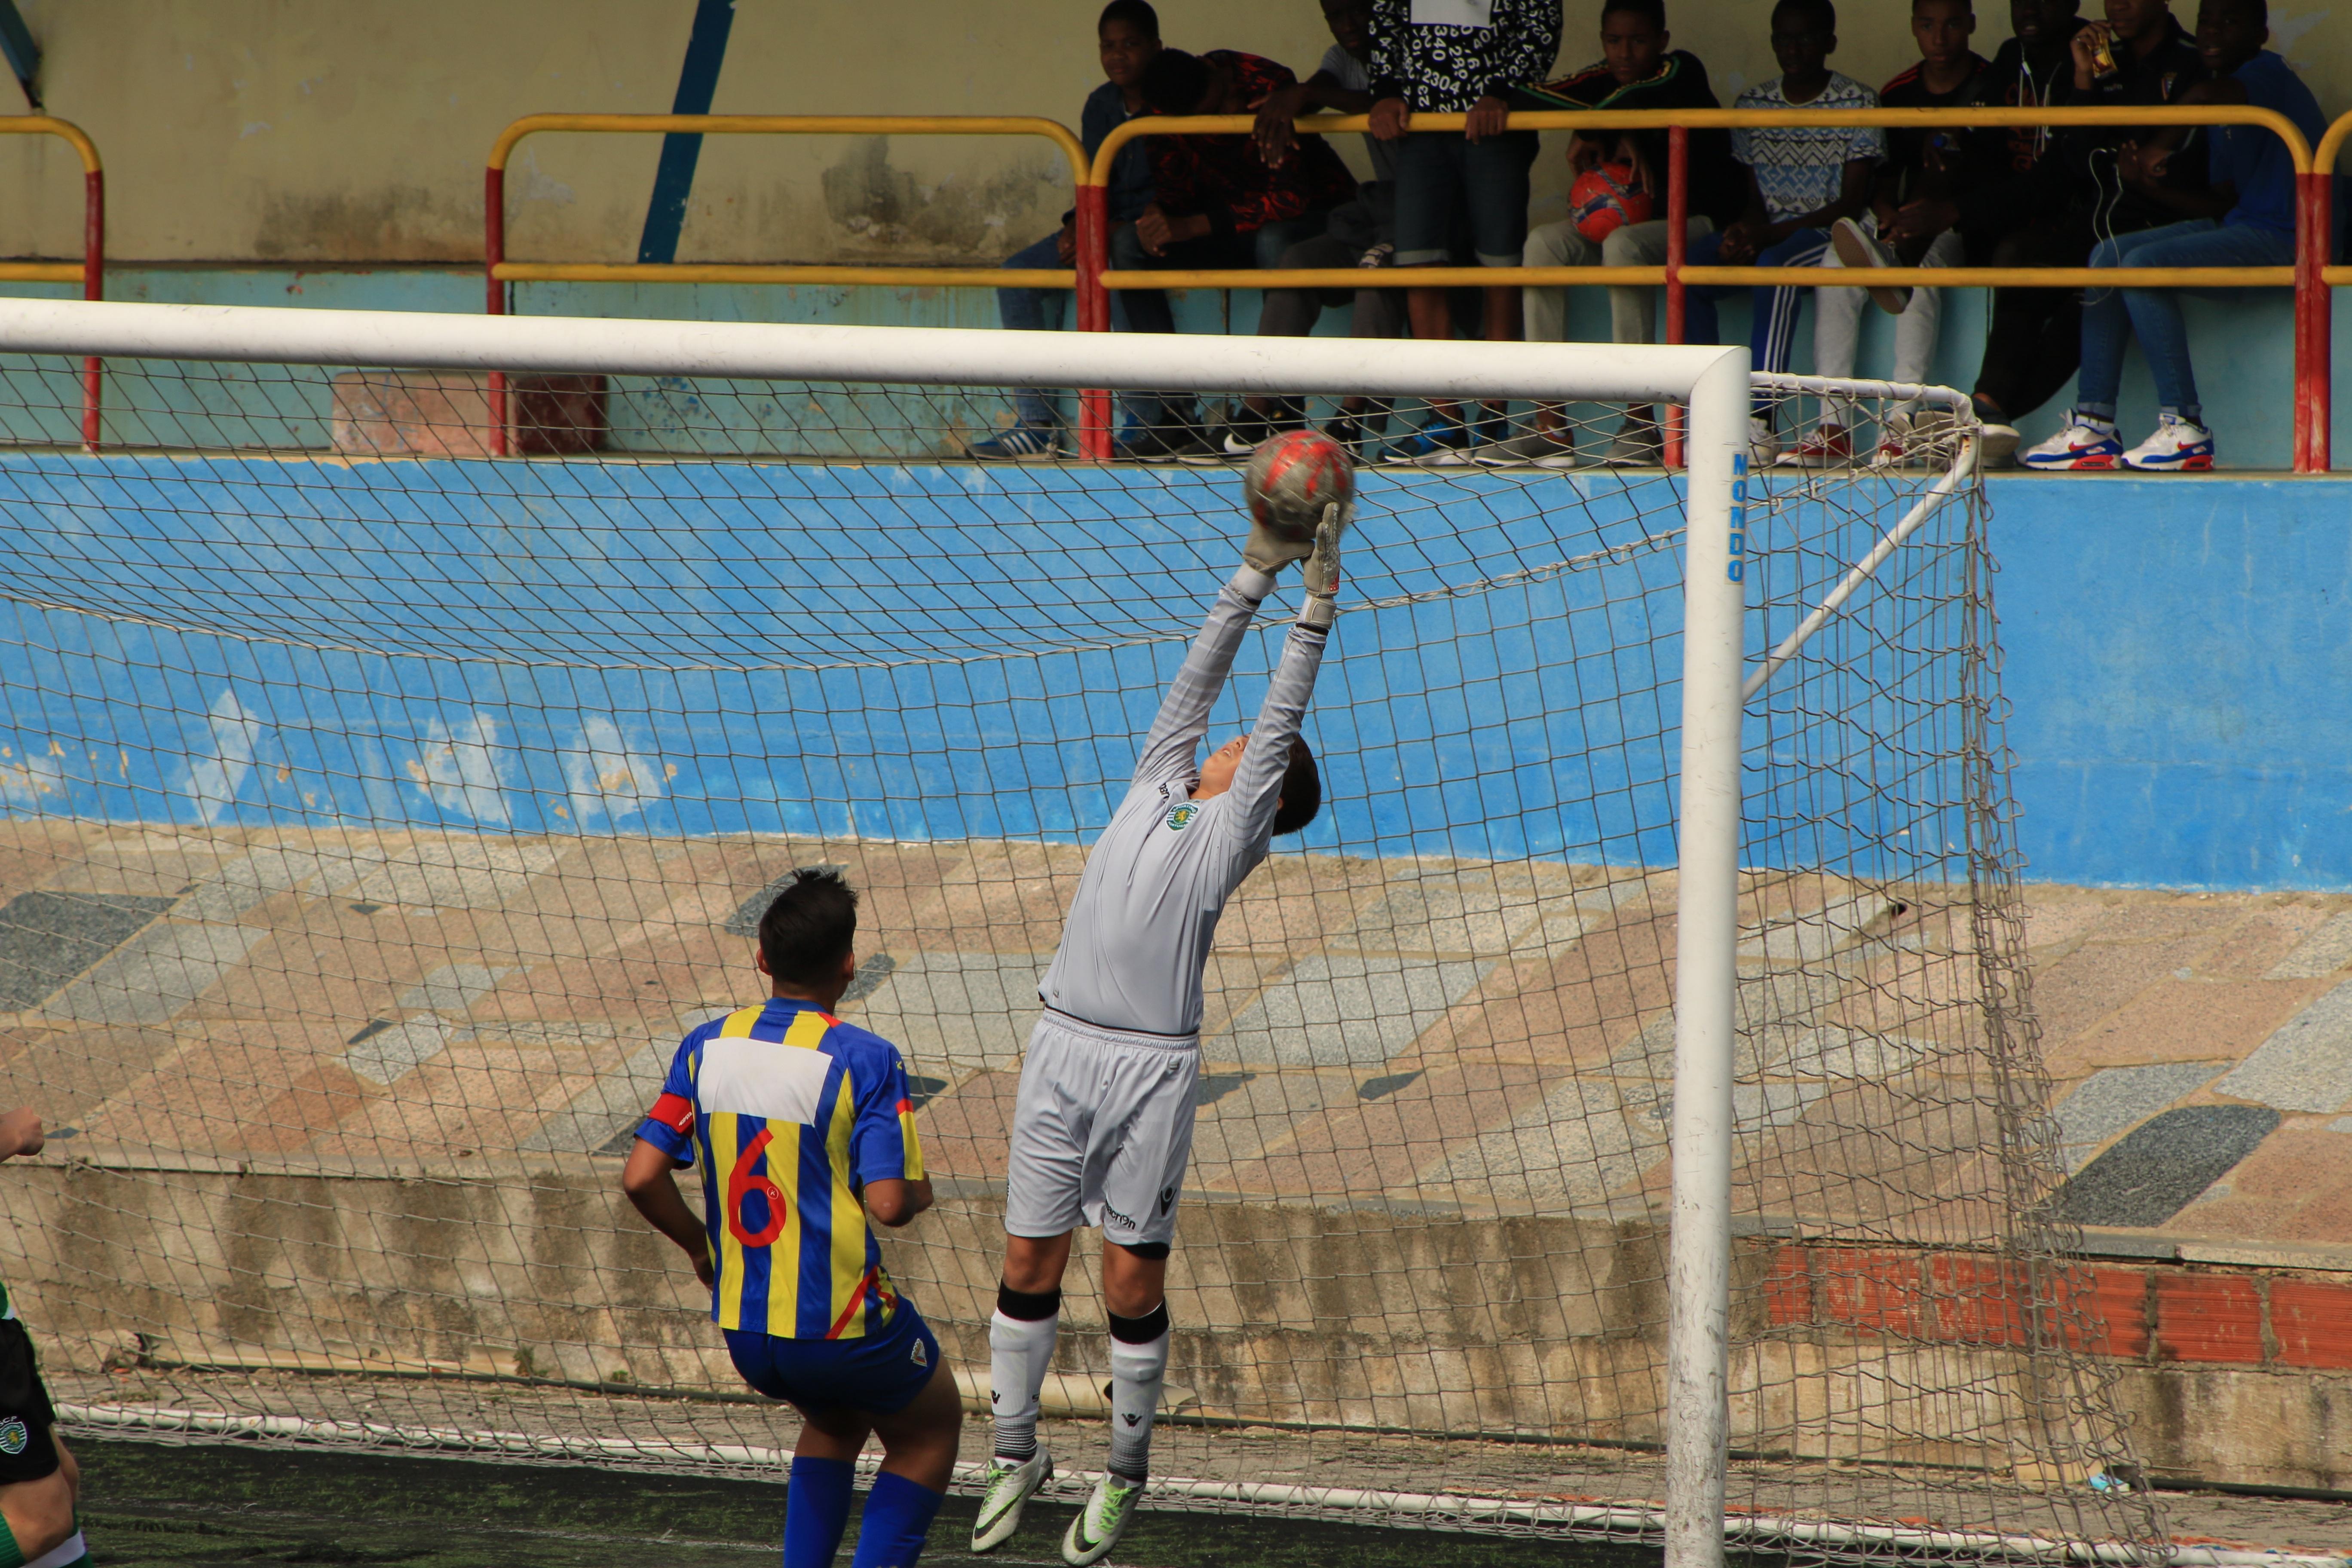 juego mosca fútbol fútbol Gol jugador arena Deportes ataque voleibol  defensa portero Juego de pelota equipo 344c35c3d812